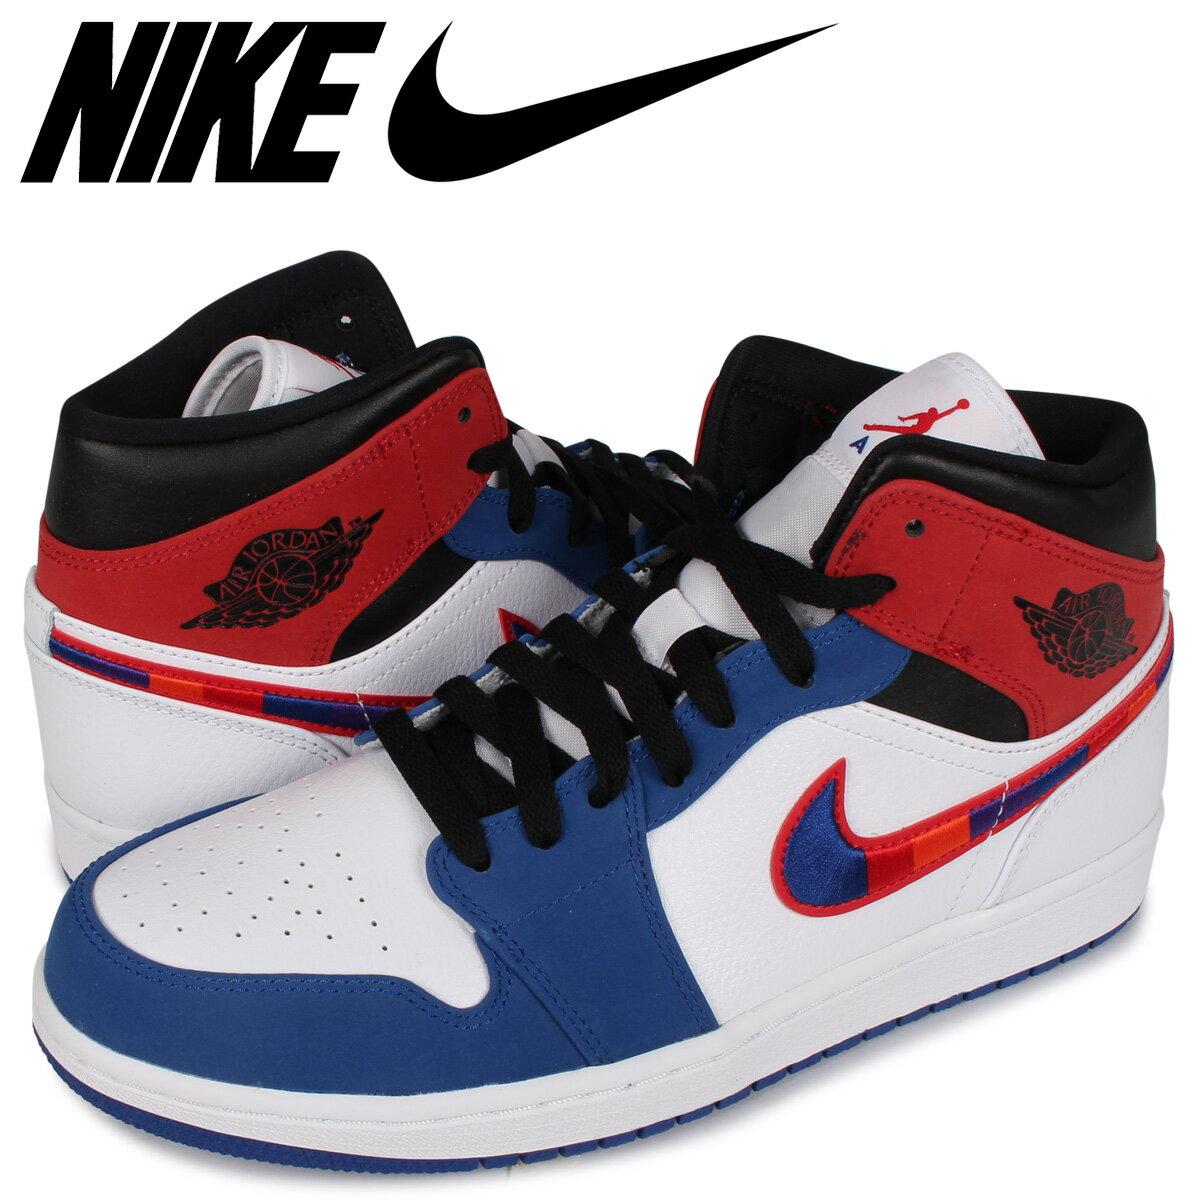 メンズ靴, スニーカー 2000OFF NIKE JORDAN 1 MID SE 1 852542-146